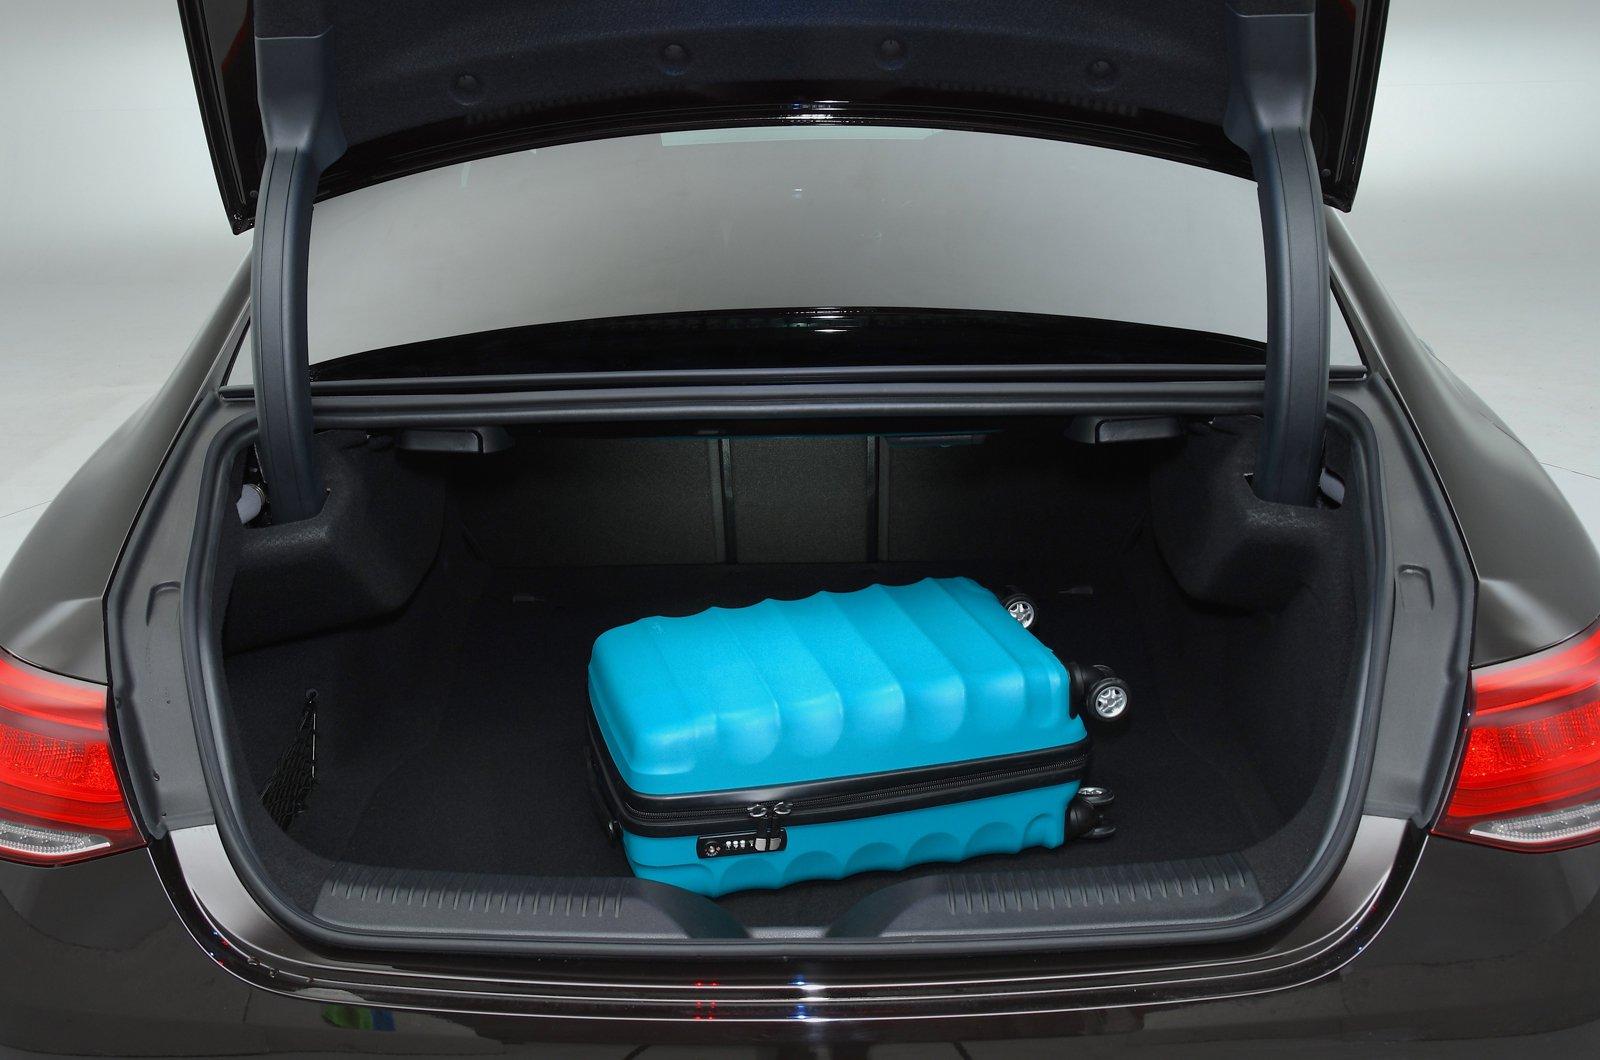 Mercedes CLS boot